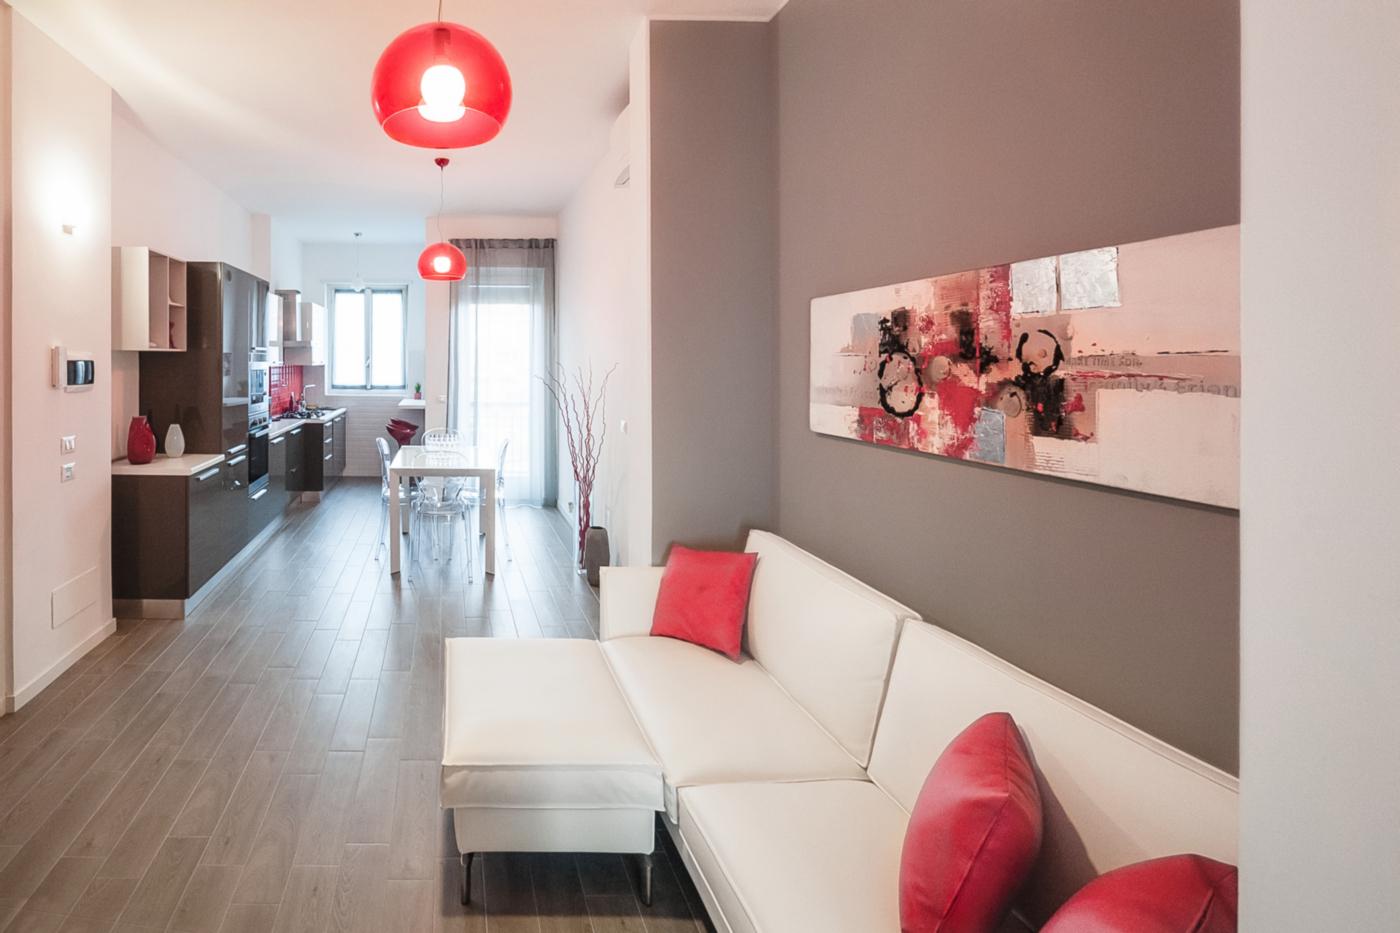 Una ristrutturazione che moltiplica gli spazi in un'appartamento degli anni '70. La zona giorno è una sequenza di spazi, uniti dal tema cromatico | Bottega di Architettura